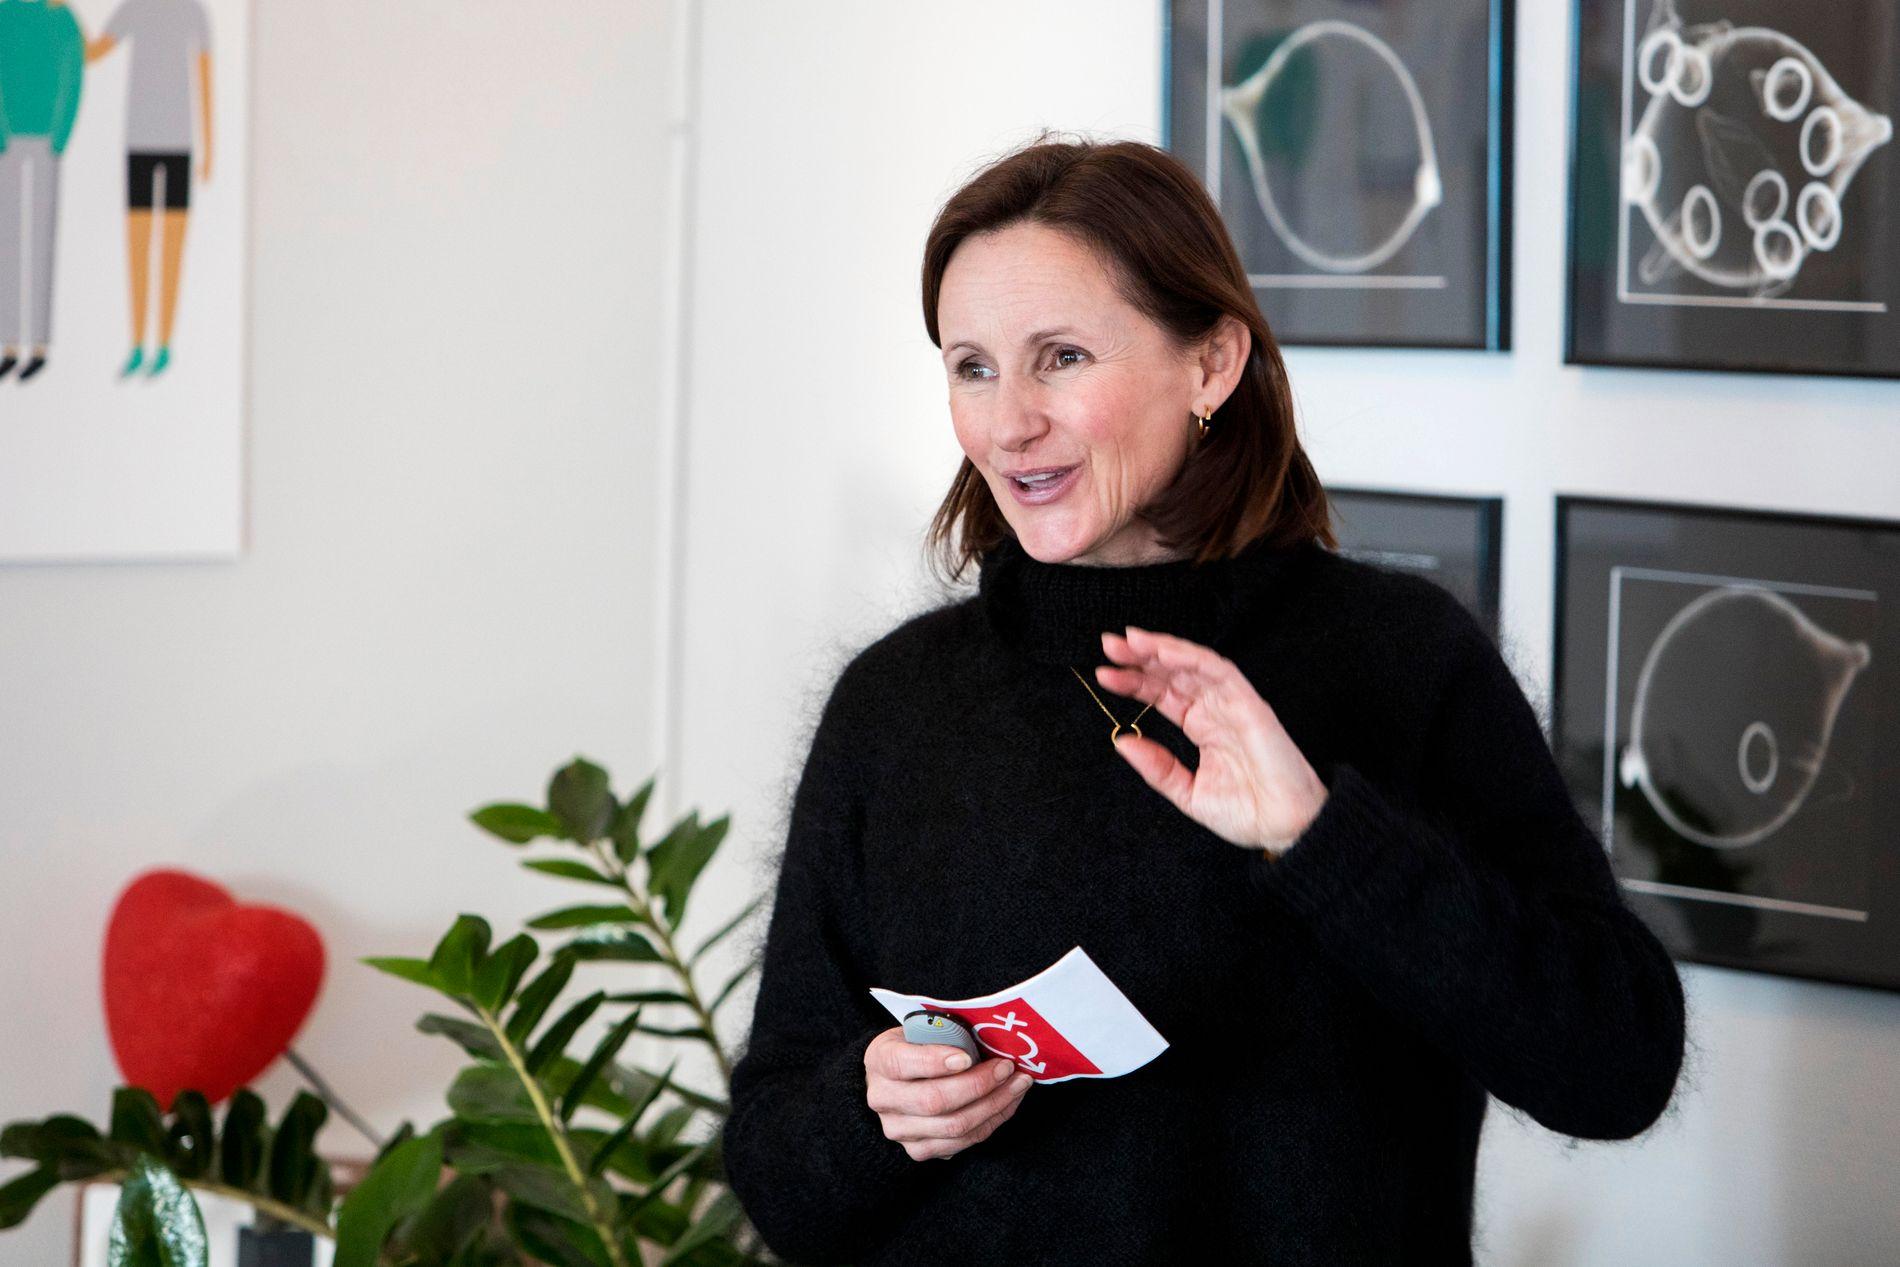 Daglig leder ved Sex og samfunn, Maria Røsok, jobber ut fra slagordet Frihet fra skam, frihet til å velge.